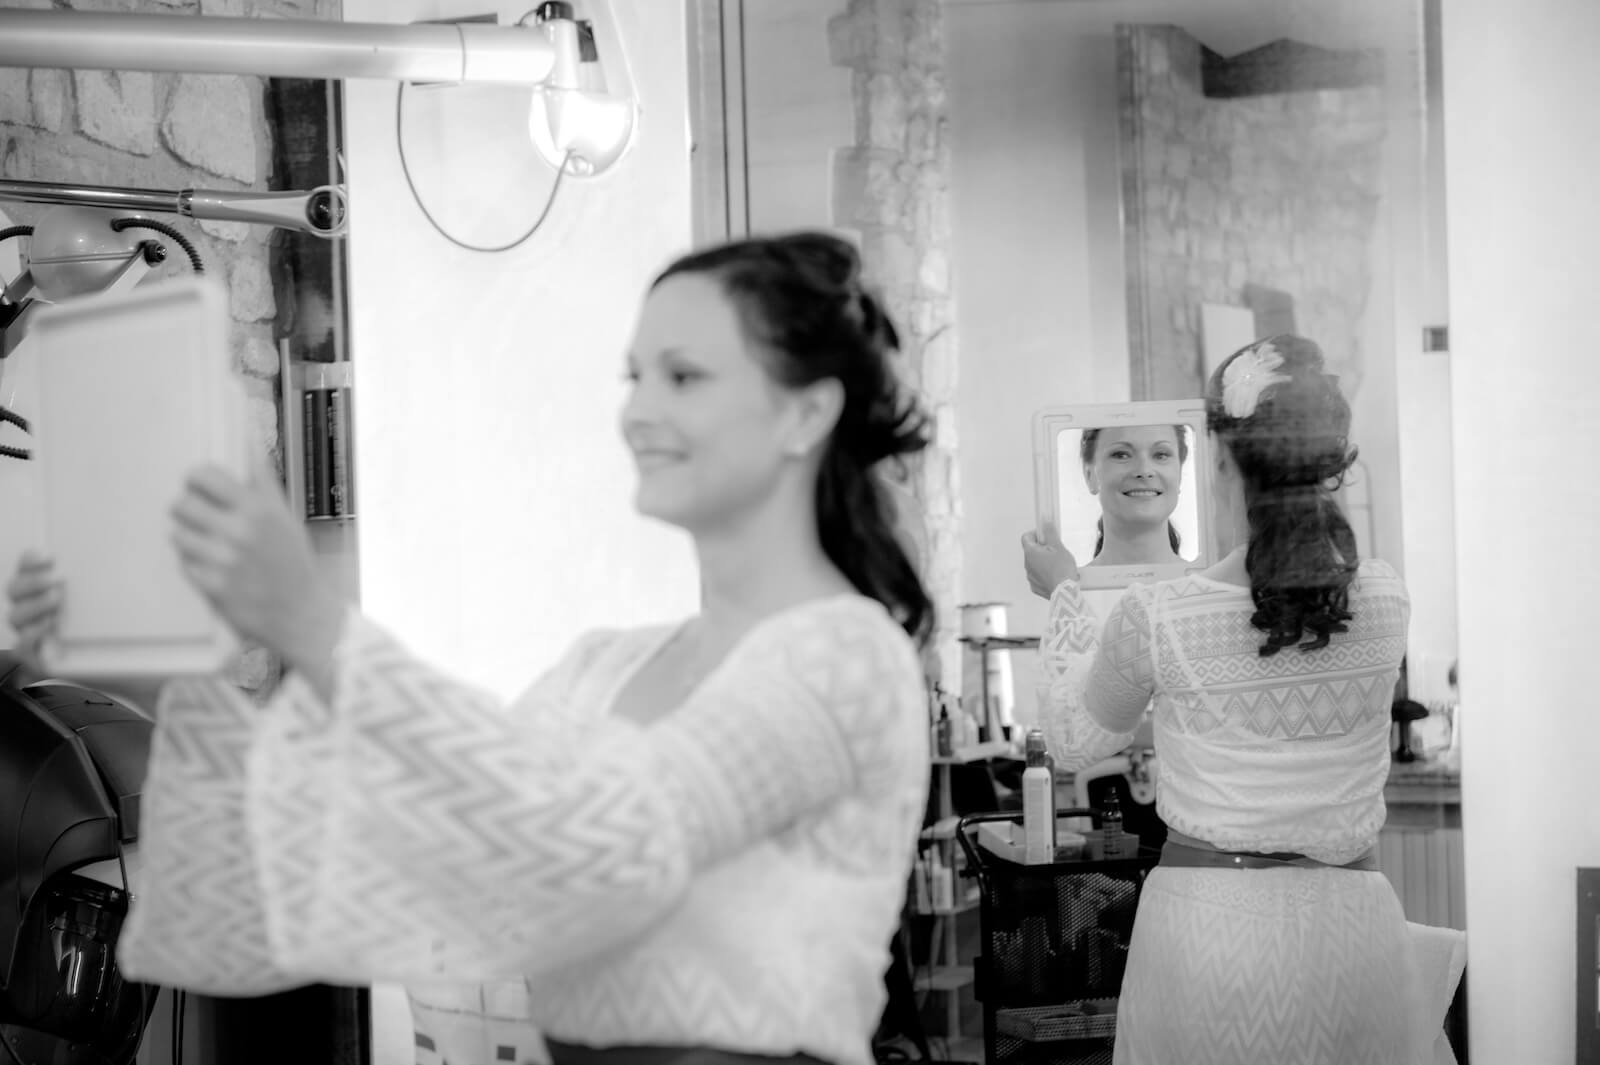 Hochzeit Gardasee - die Braut betrachtet sich im Spiegel beim Friseur